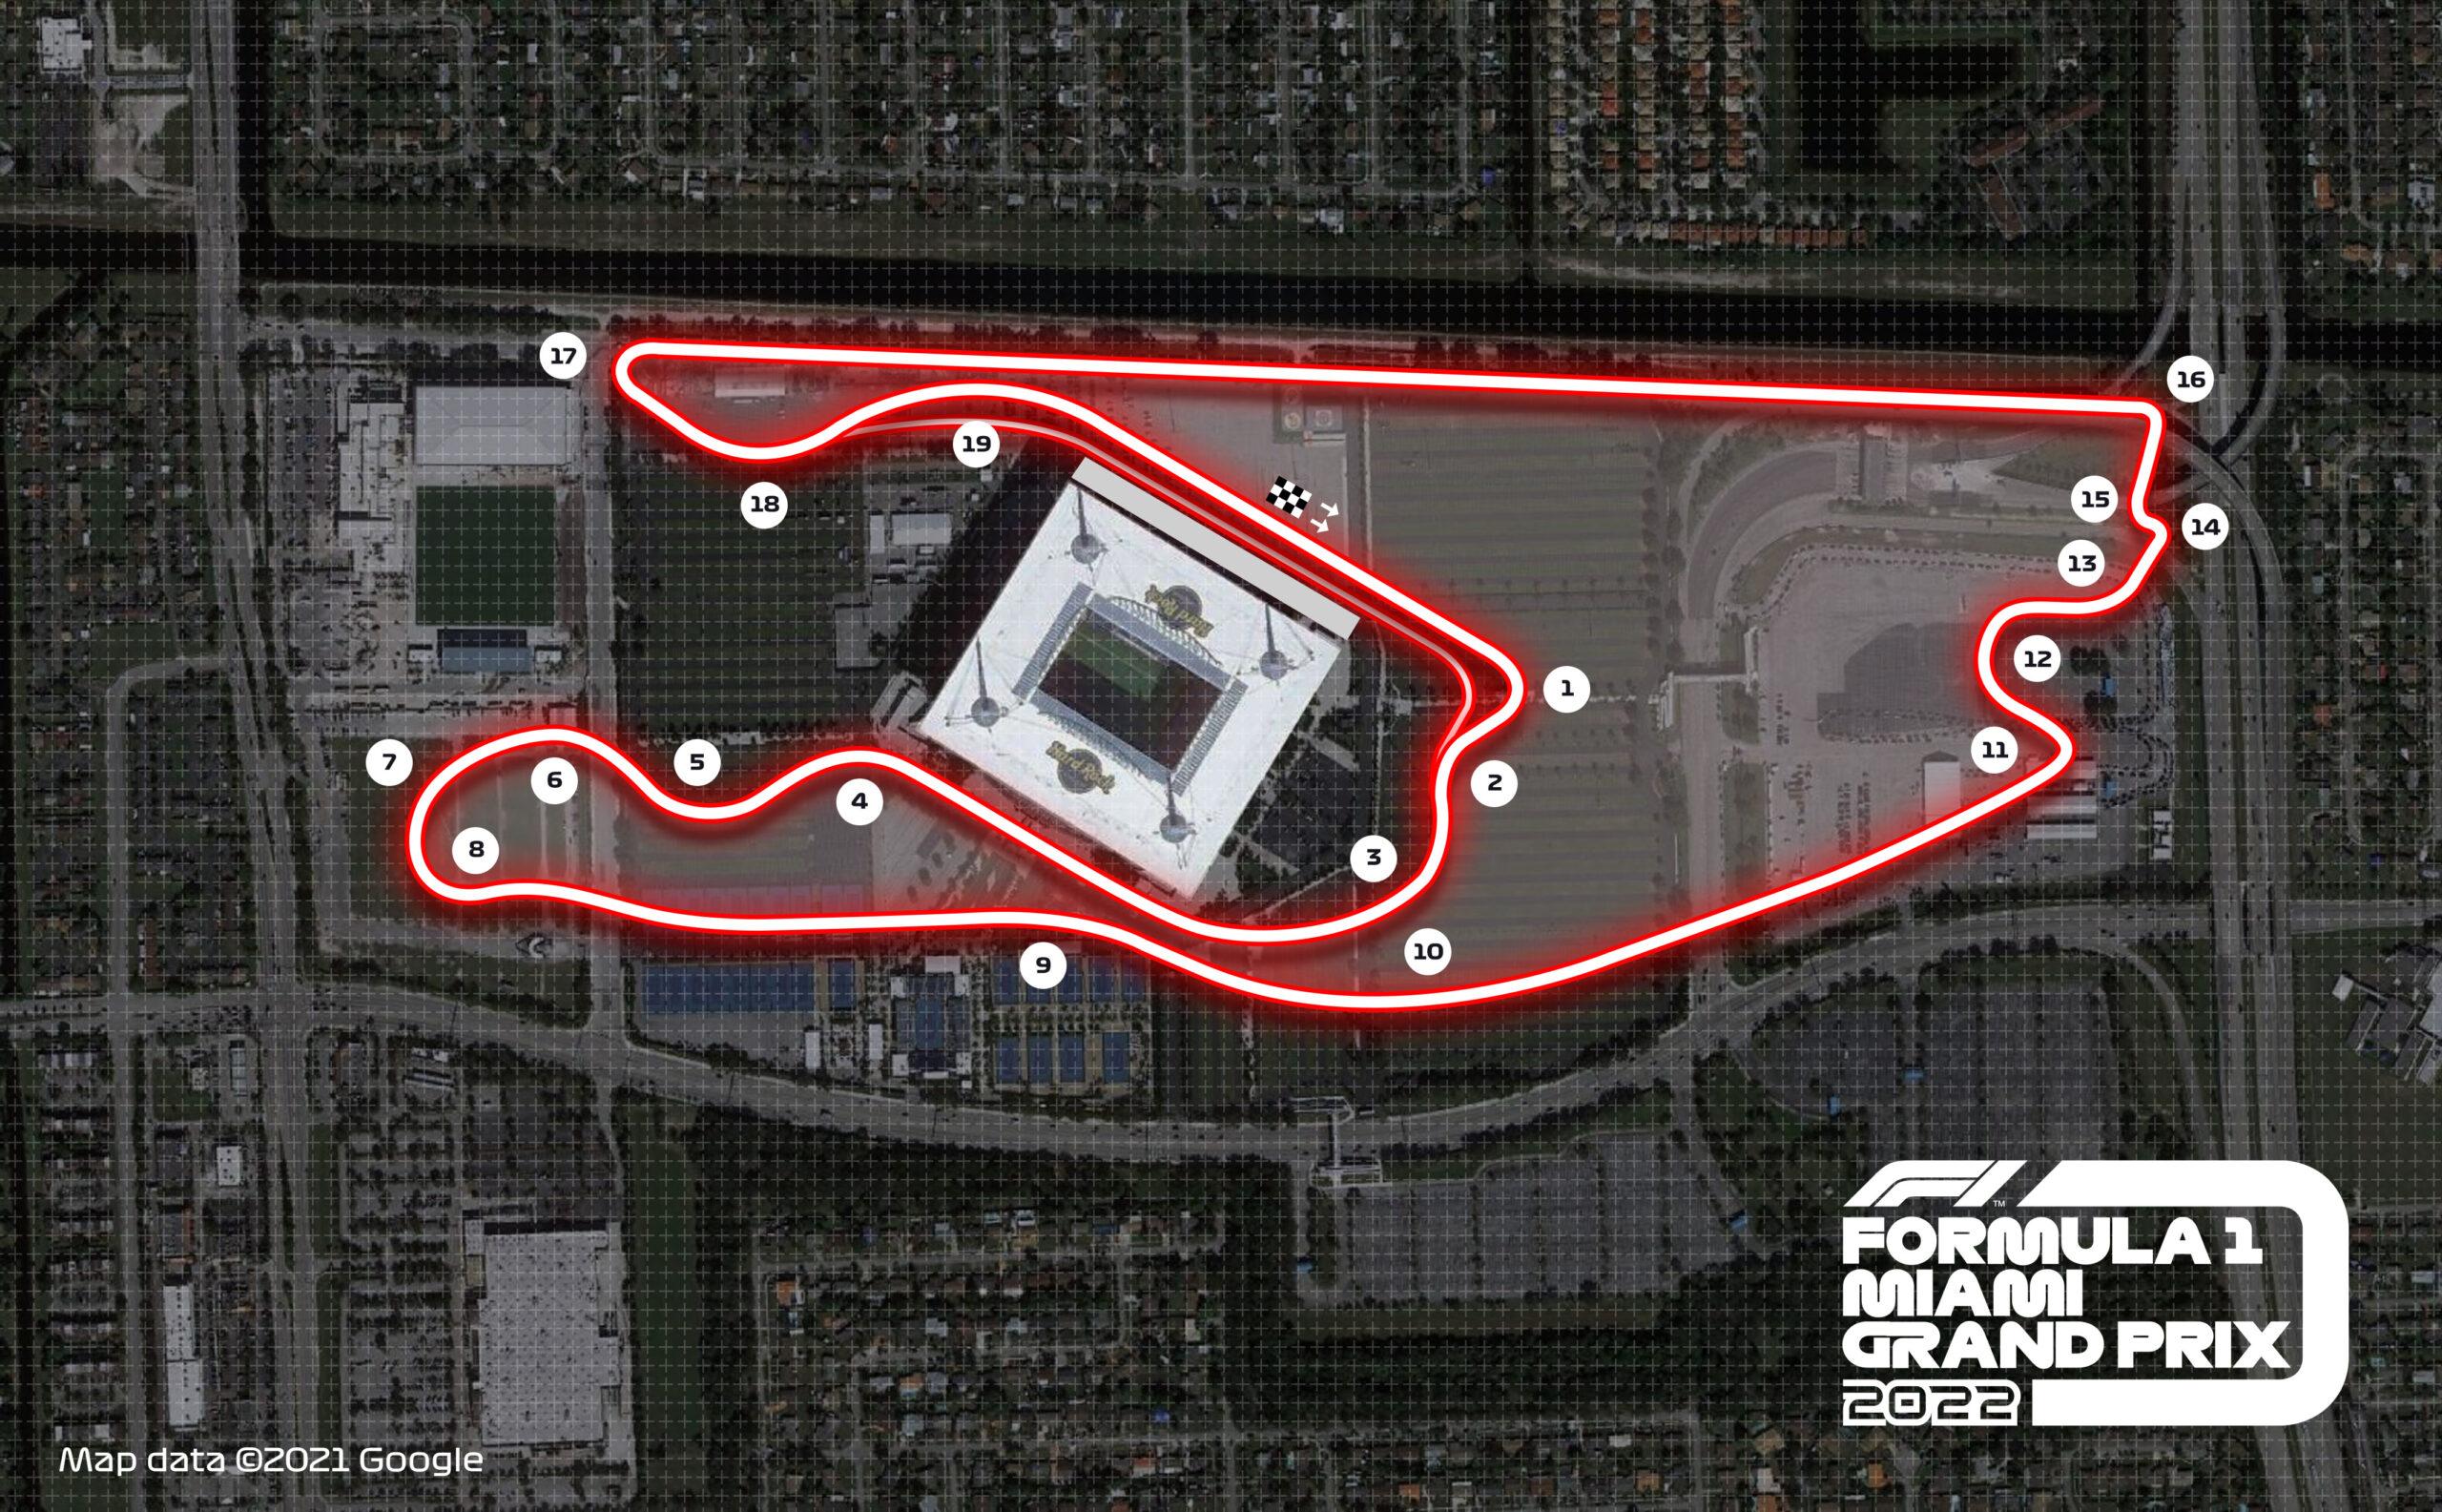 Calendrier Gp F1 2022 F1   Officiel : Miami inscrit au calendrier de la F1 en 2022